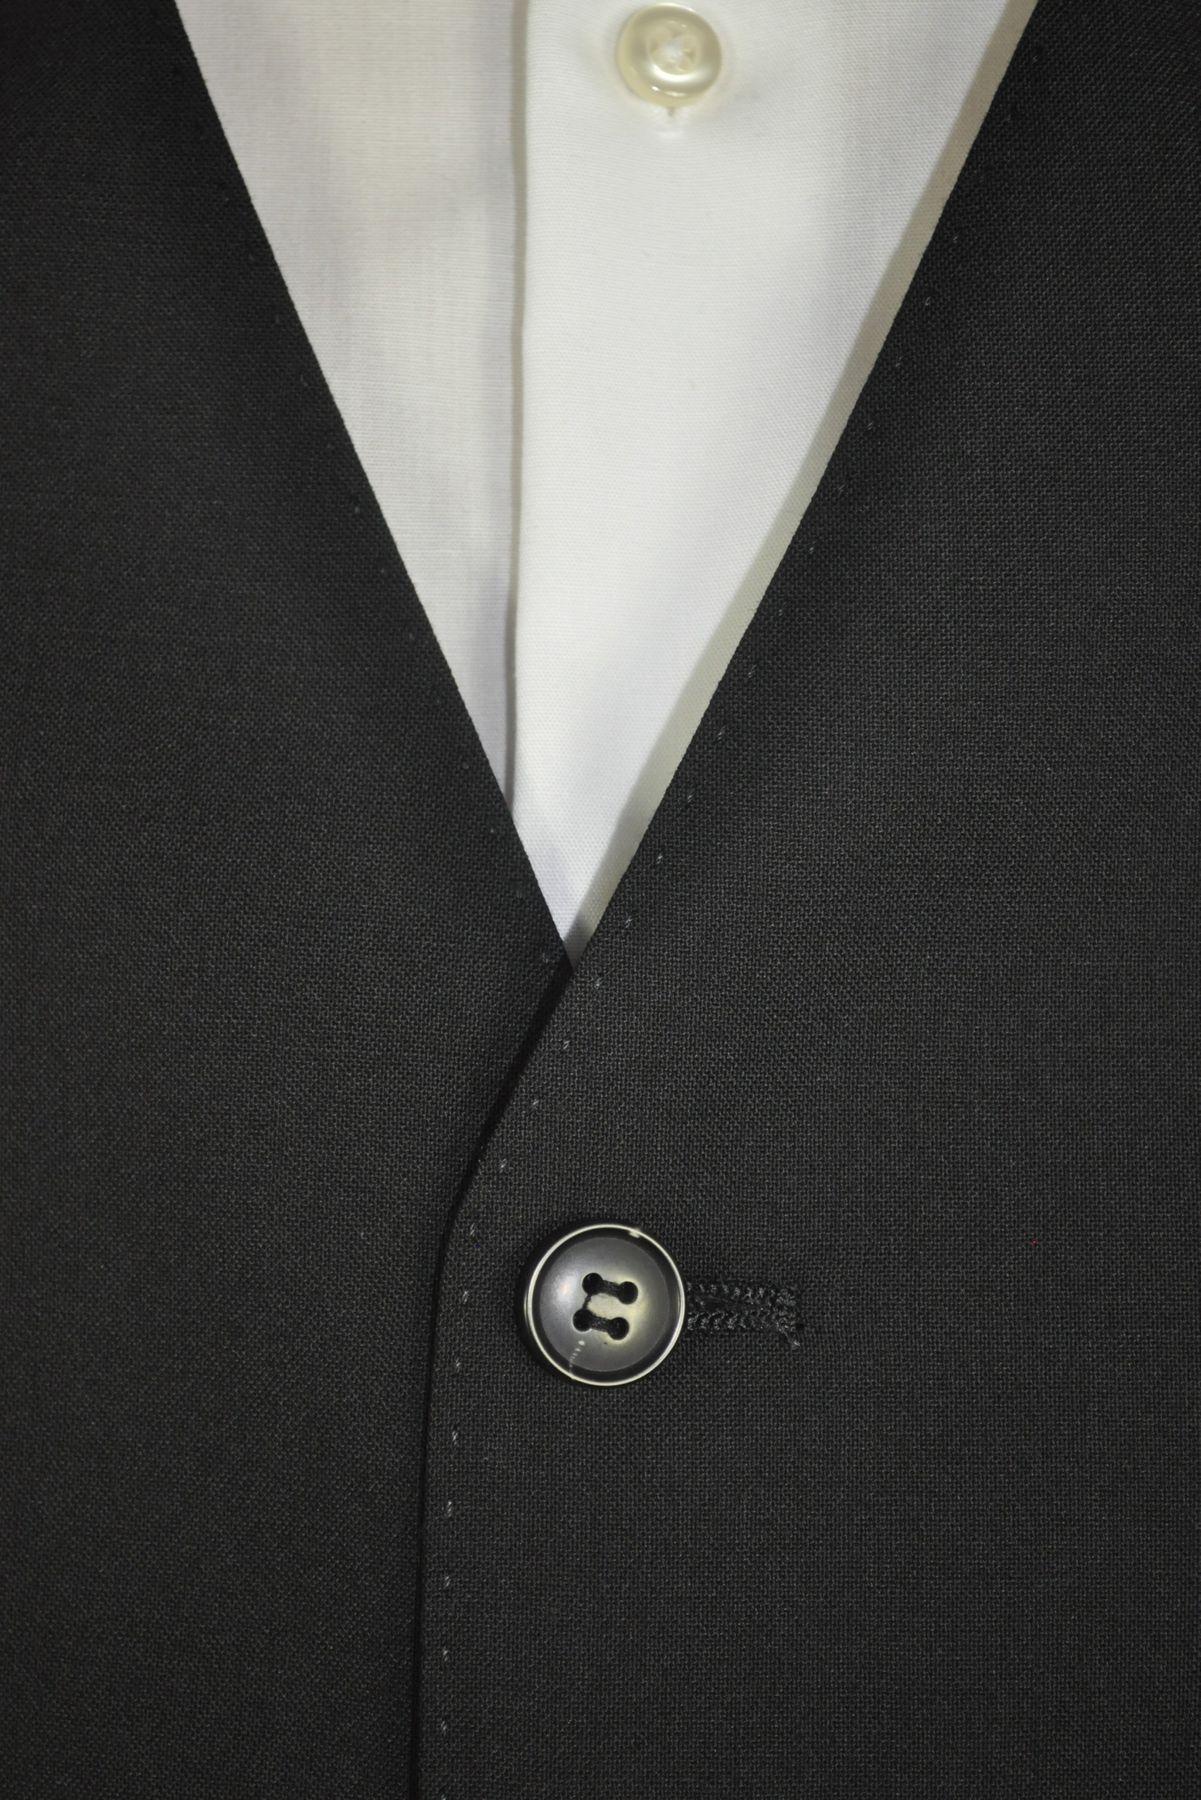 Barutti - Tailored Fit - Herren Anzugweste aus reiner Super 100'S Schurwolle in verschiedenen Farben, 900 8006 (Terzo AMF) – Bild 3